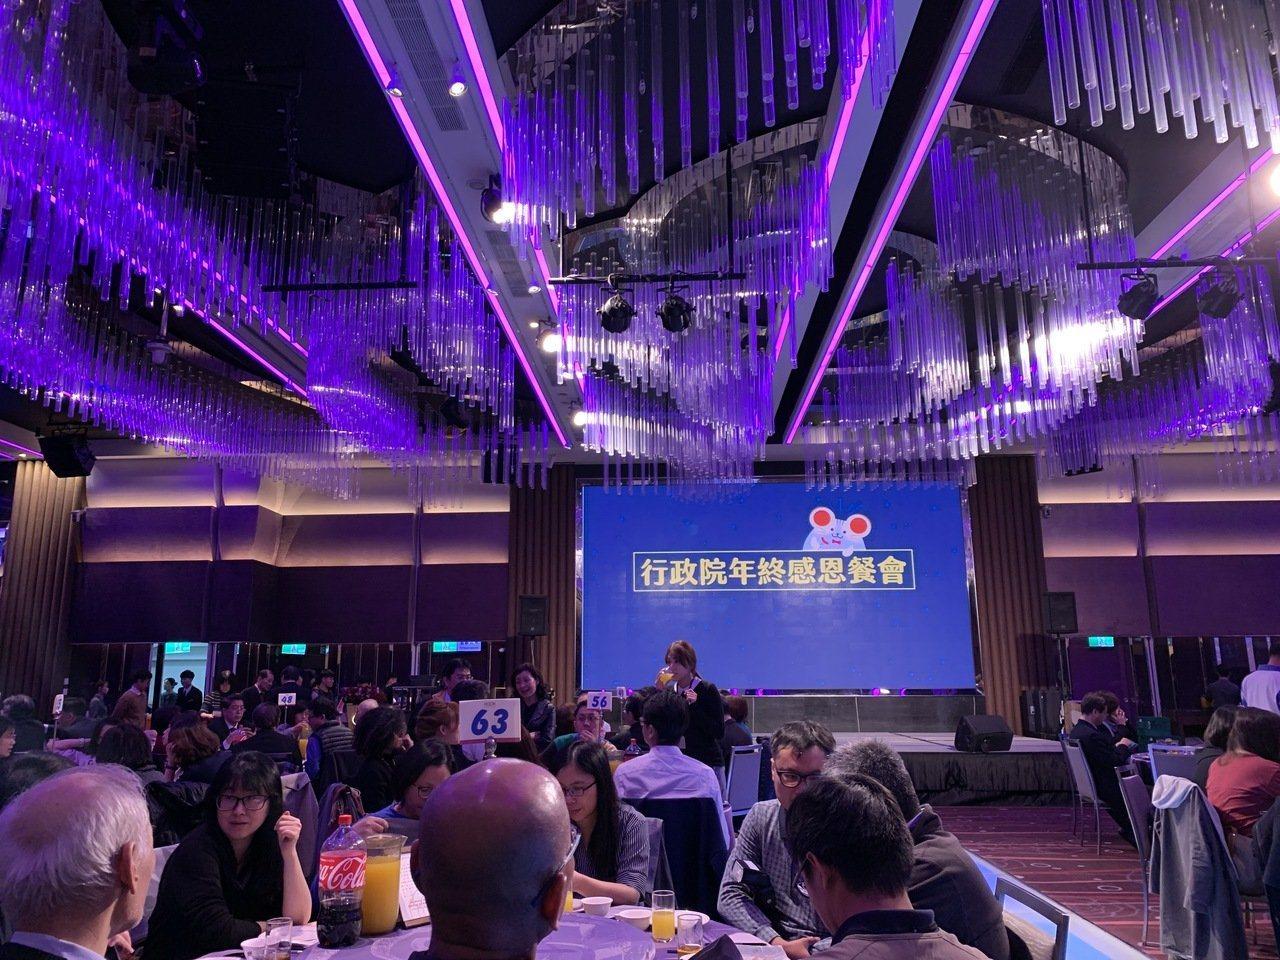 行政院昨晚舉辦年終感恩餐會。記者林河名/攝影